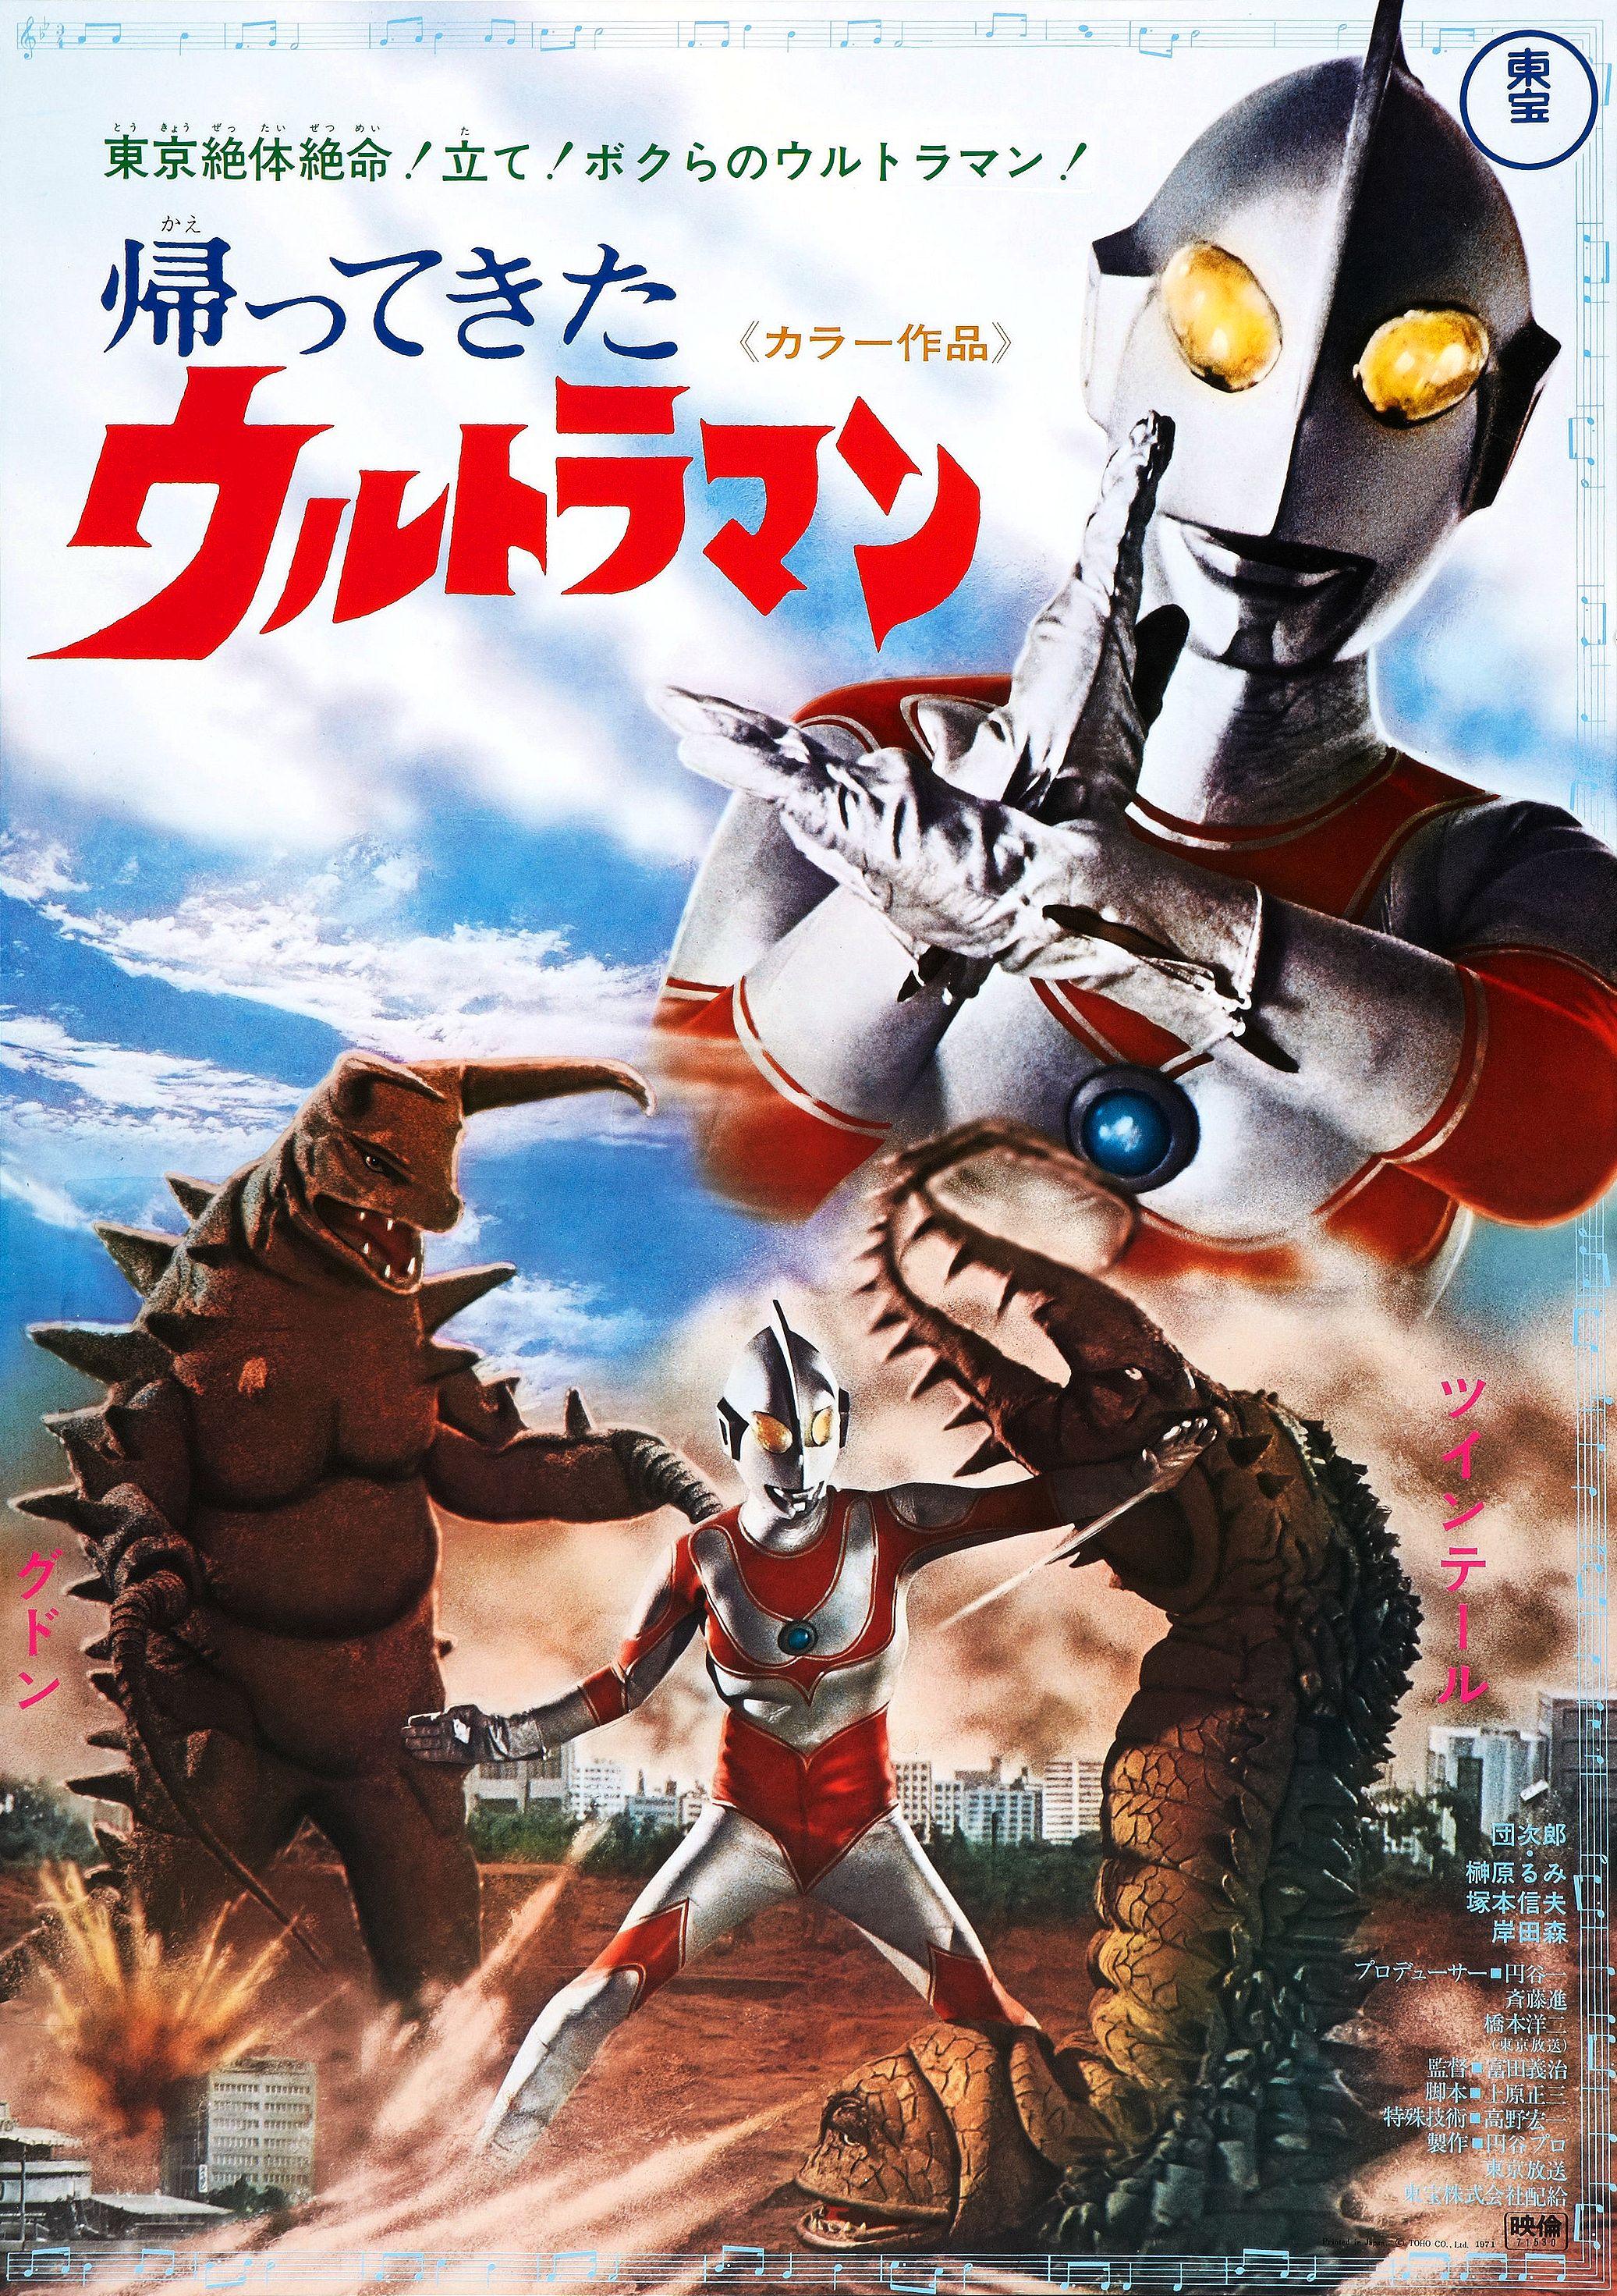 Return of Ultraman (film)